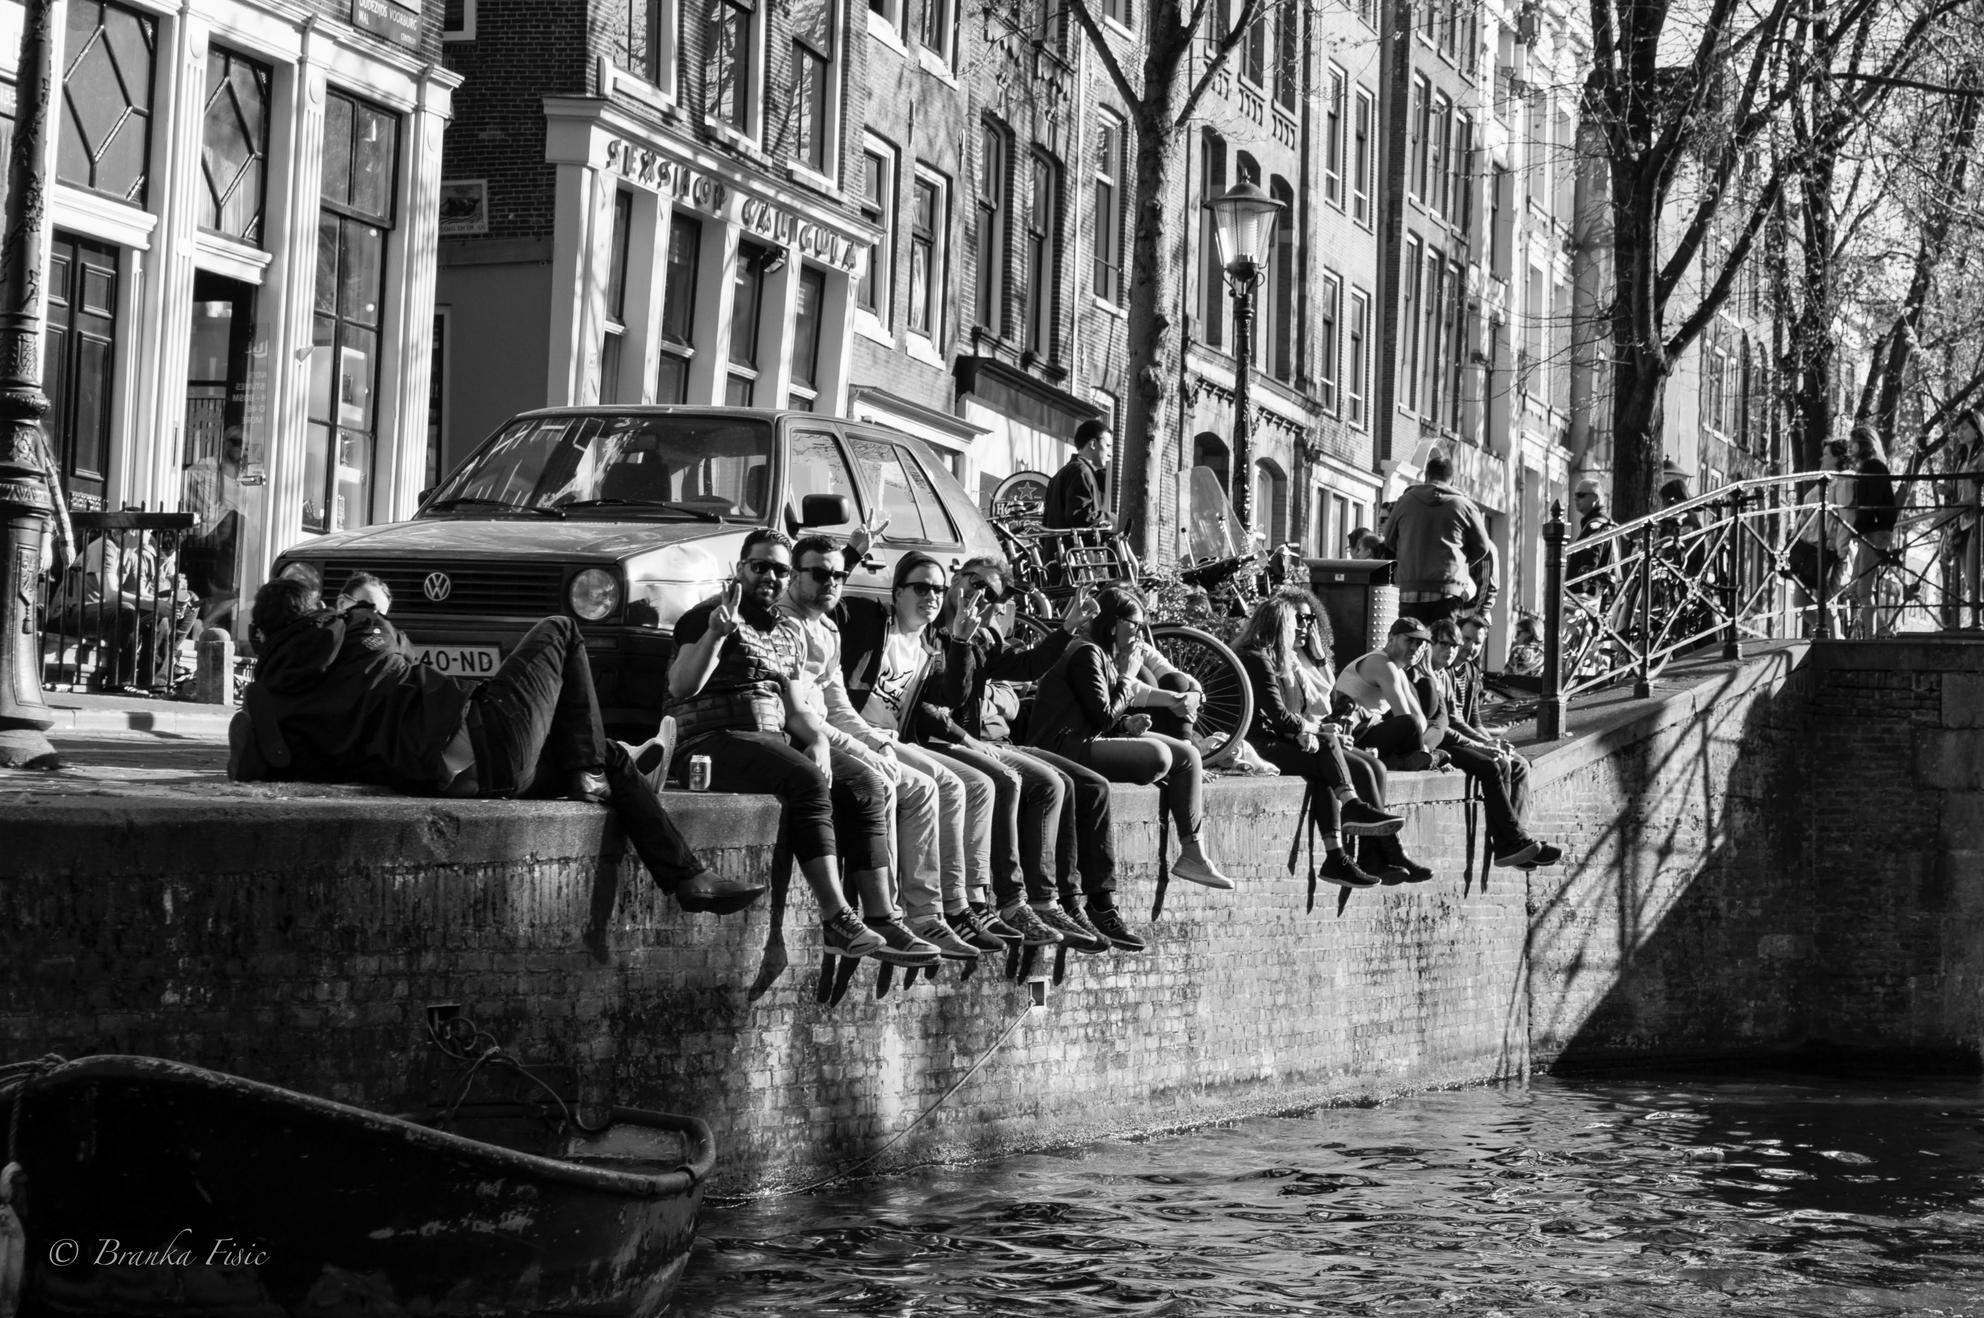 Aan de Amsterdamse grachten - Samen chillen - foto door branka op 07-04-2021 - locatie: Amsterdam, Nederland - deze foto bevat: amsterdam, grachten, water, voertuig, gebouw, motorvoertuig, boot, auto, vervoermiddel, zwart en wit, stijl, venster